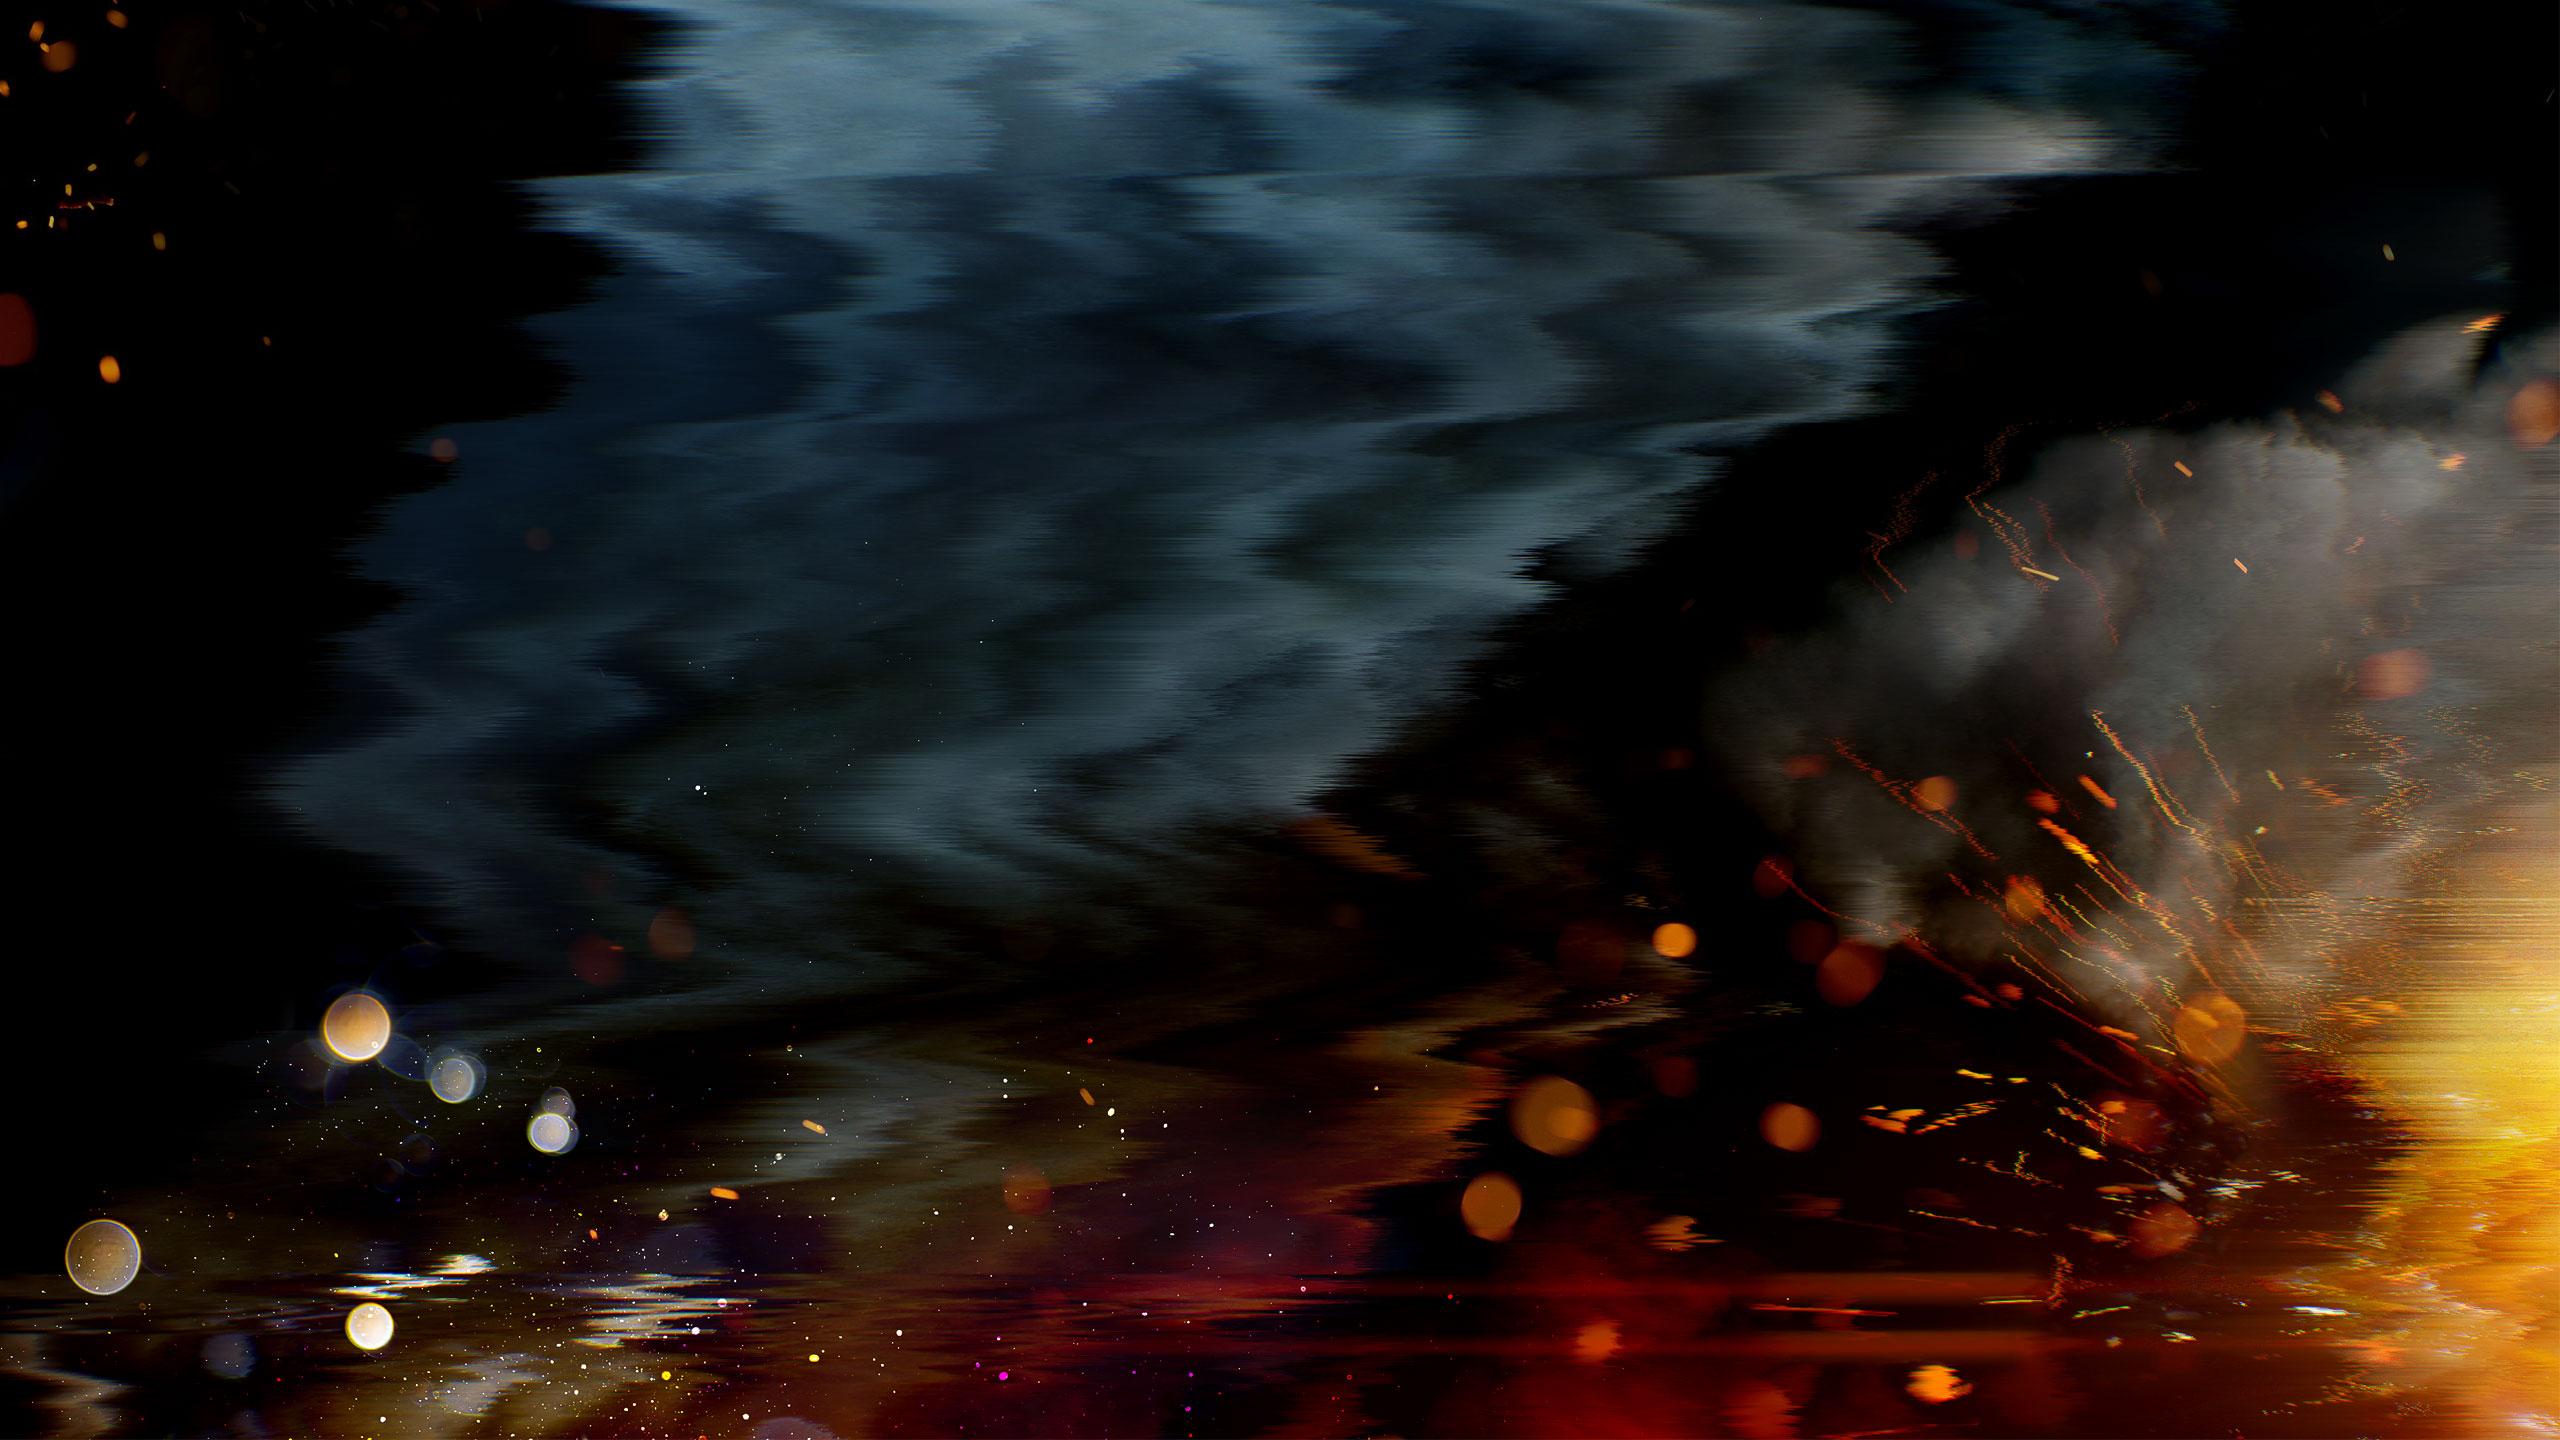 ea-battlefield-background-textures-06